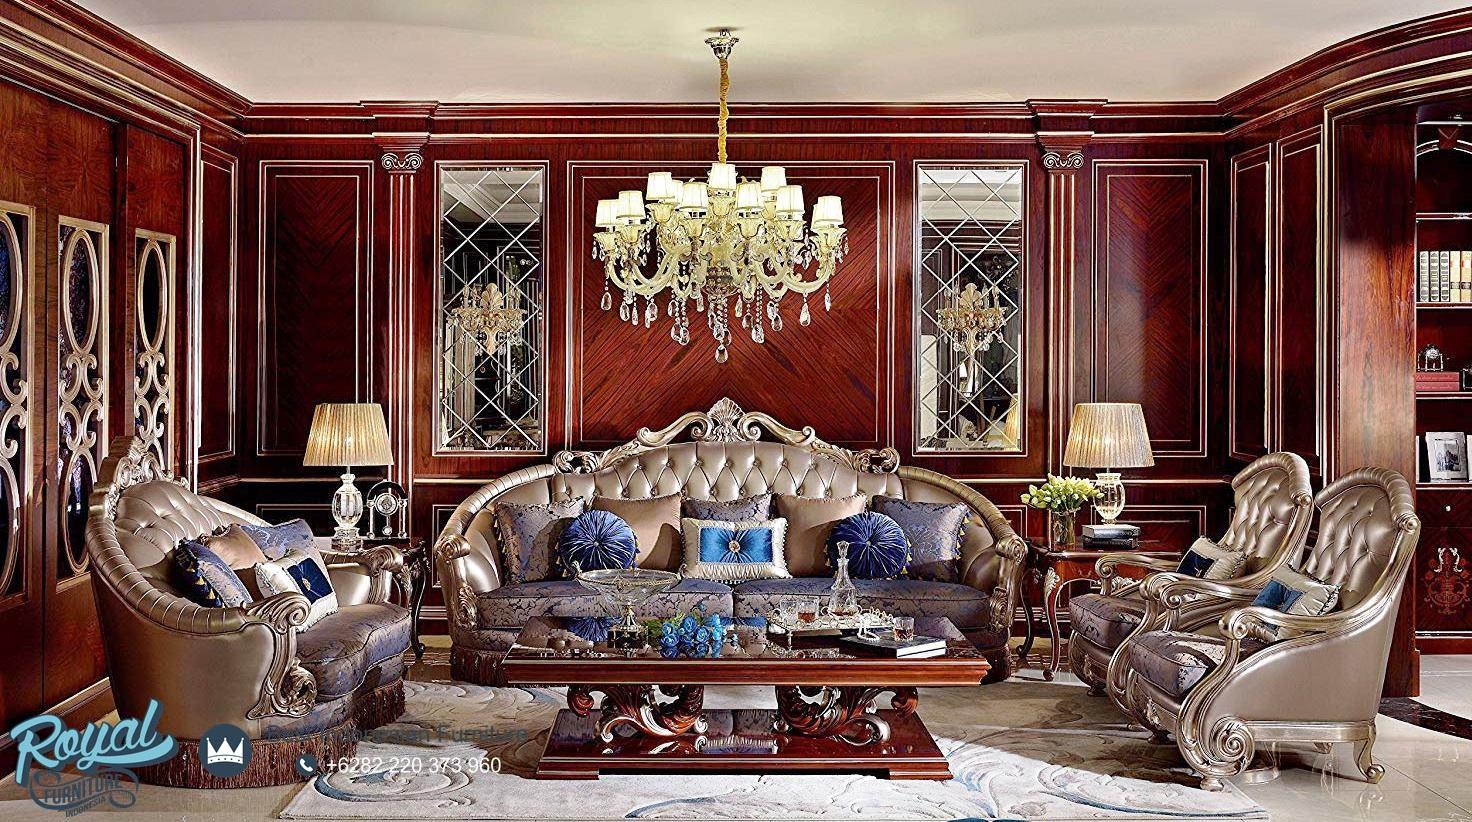 Model Kursi Sofa Tamu Jati Jepara Terbaru Classic Eropa, kursi mewah ruang tamu, kursi sofa tamu mewah terbaru, Kursi Tamu Mewah Kualitas Terbaik, Kursi Tamu Mewah Minimalis, Kursi Tamu Mewah Modern, kursi tamu sofa mewah, Model Kursi Tamu Mewah, Royal Furniture, Set Kursi Tamu, set sofa tamu jepara terbaru, Set Sofa Tamu Klasik, Set Sofa Tamu Mewah, Set Sofa Tamu Modern, set sofa tamu ukir classic, sofa mewah minimalis, sofa mewah modern, sofa ruang tamu jati jepara, Sofa Tamu Jati, sofa tamu klasik gold duco, sofa tamu mewah, Sofa Tamu Ukir Jepara, Sofa Tamu Ukir Mewah, Sofa Tamu Ukiran Jepara